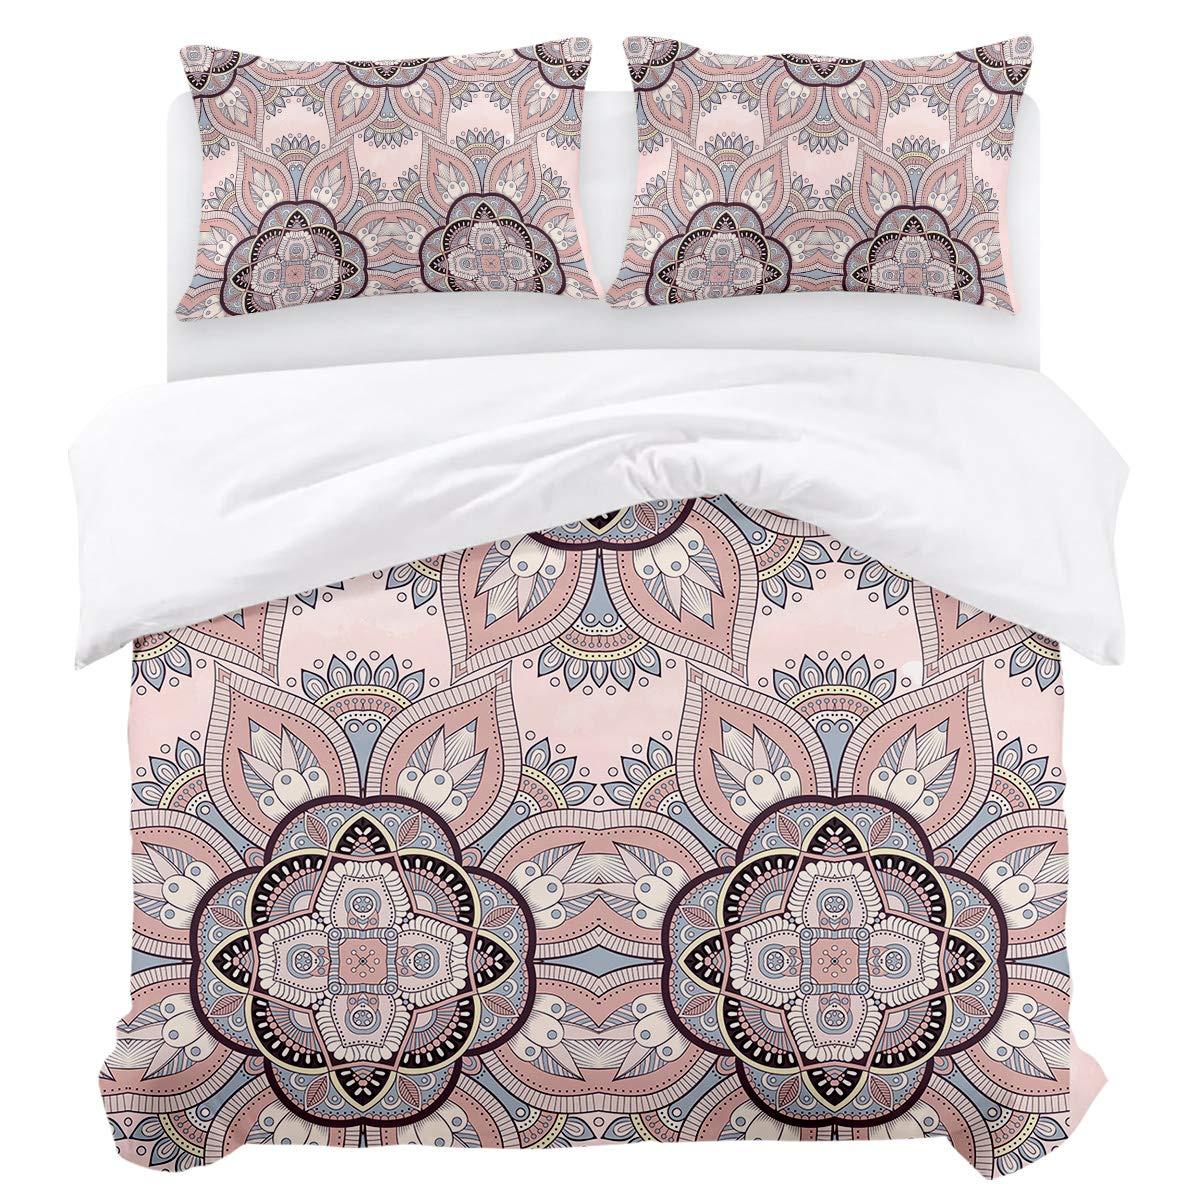 BABE MAPS ツインサイズ掛け布団カバー3点セット 美しい空のデザイン 寝具セット 超柔らか 通気性 非常に丈夫なツイルフラシ天 子供/ティーン/大人用 Twin Size B07Q8SM61G India11bms9393 Twin Size